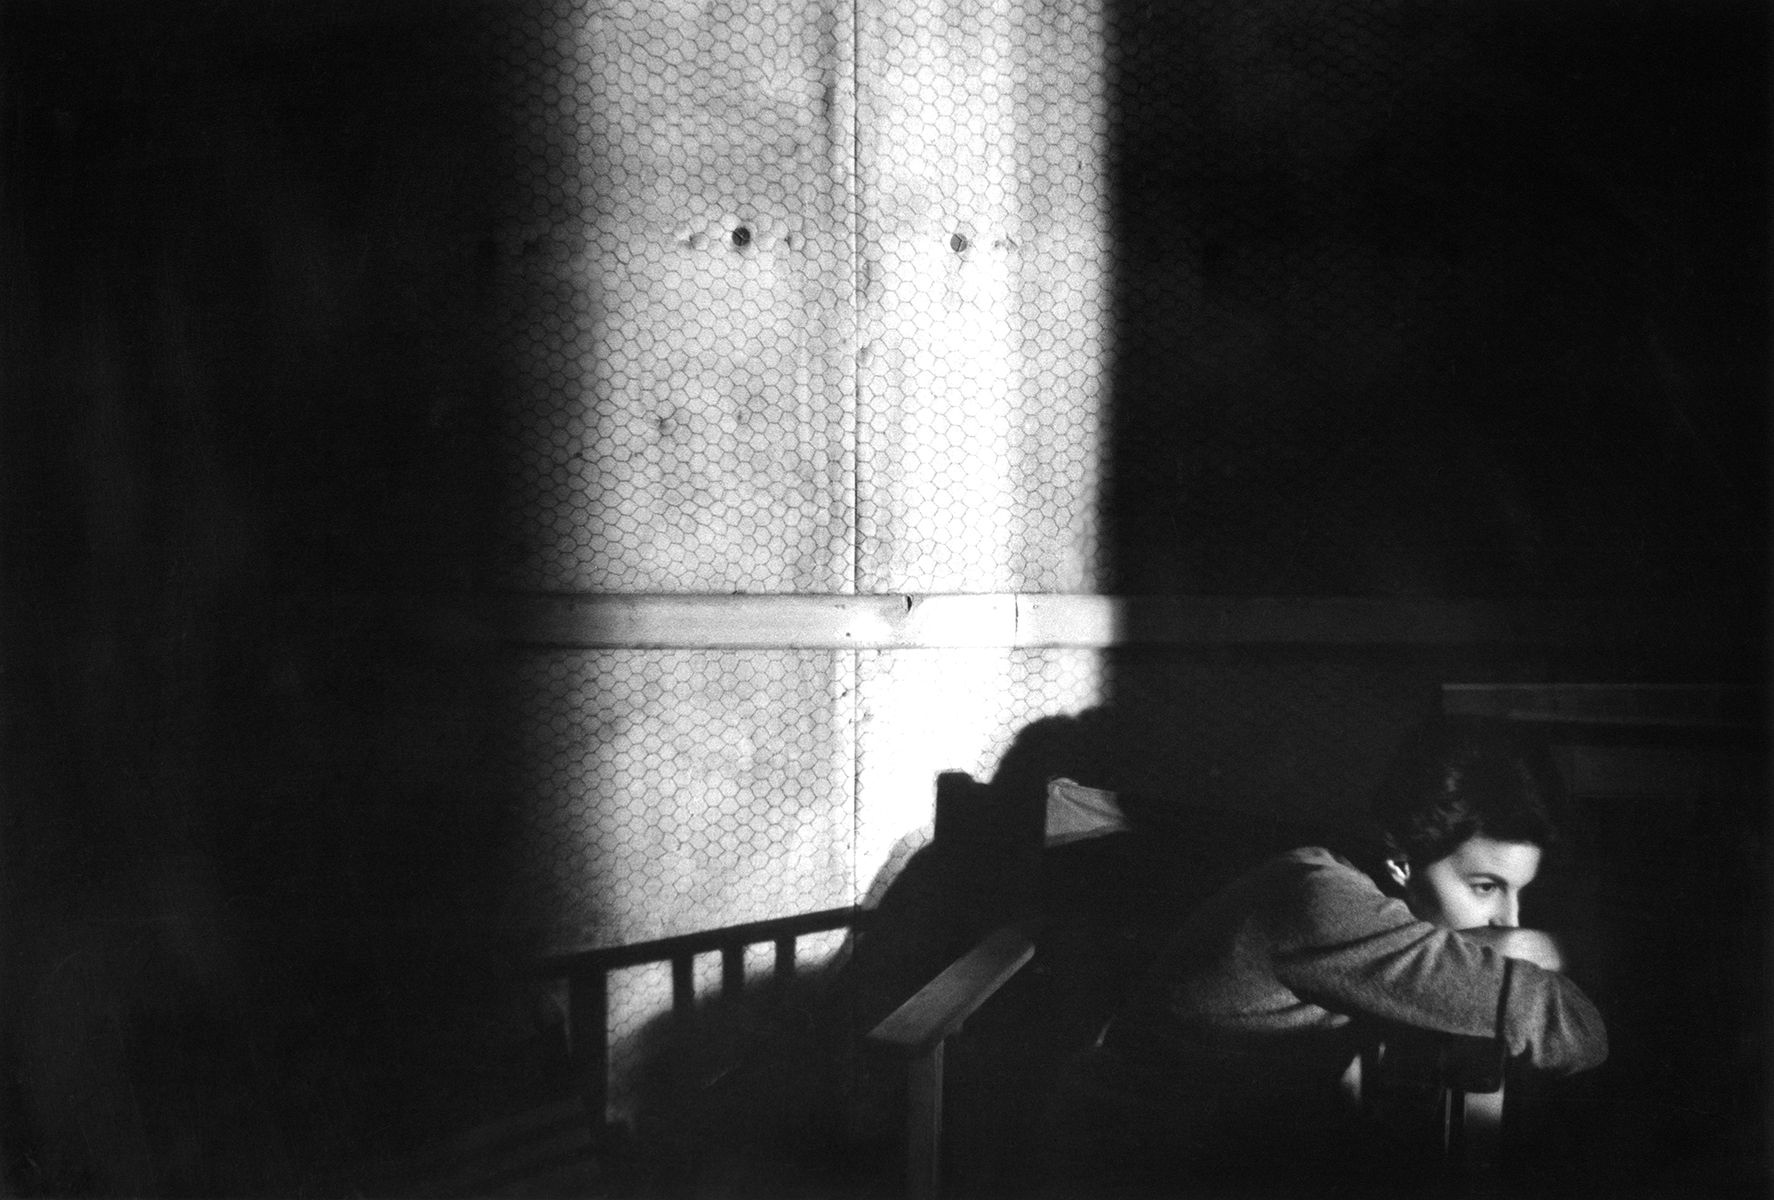 Silvana Mangano, Shadows